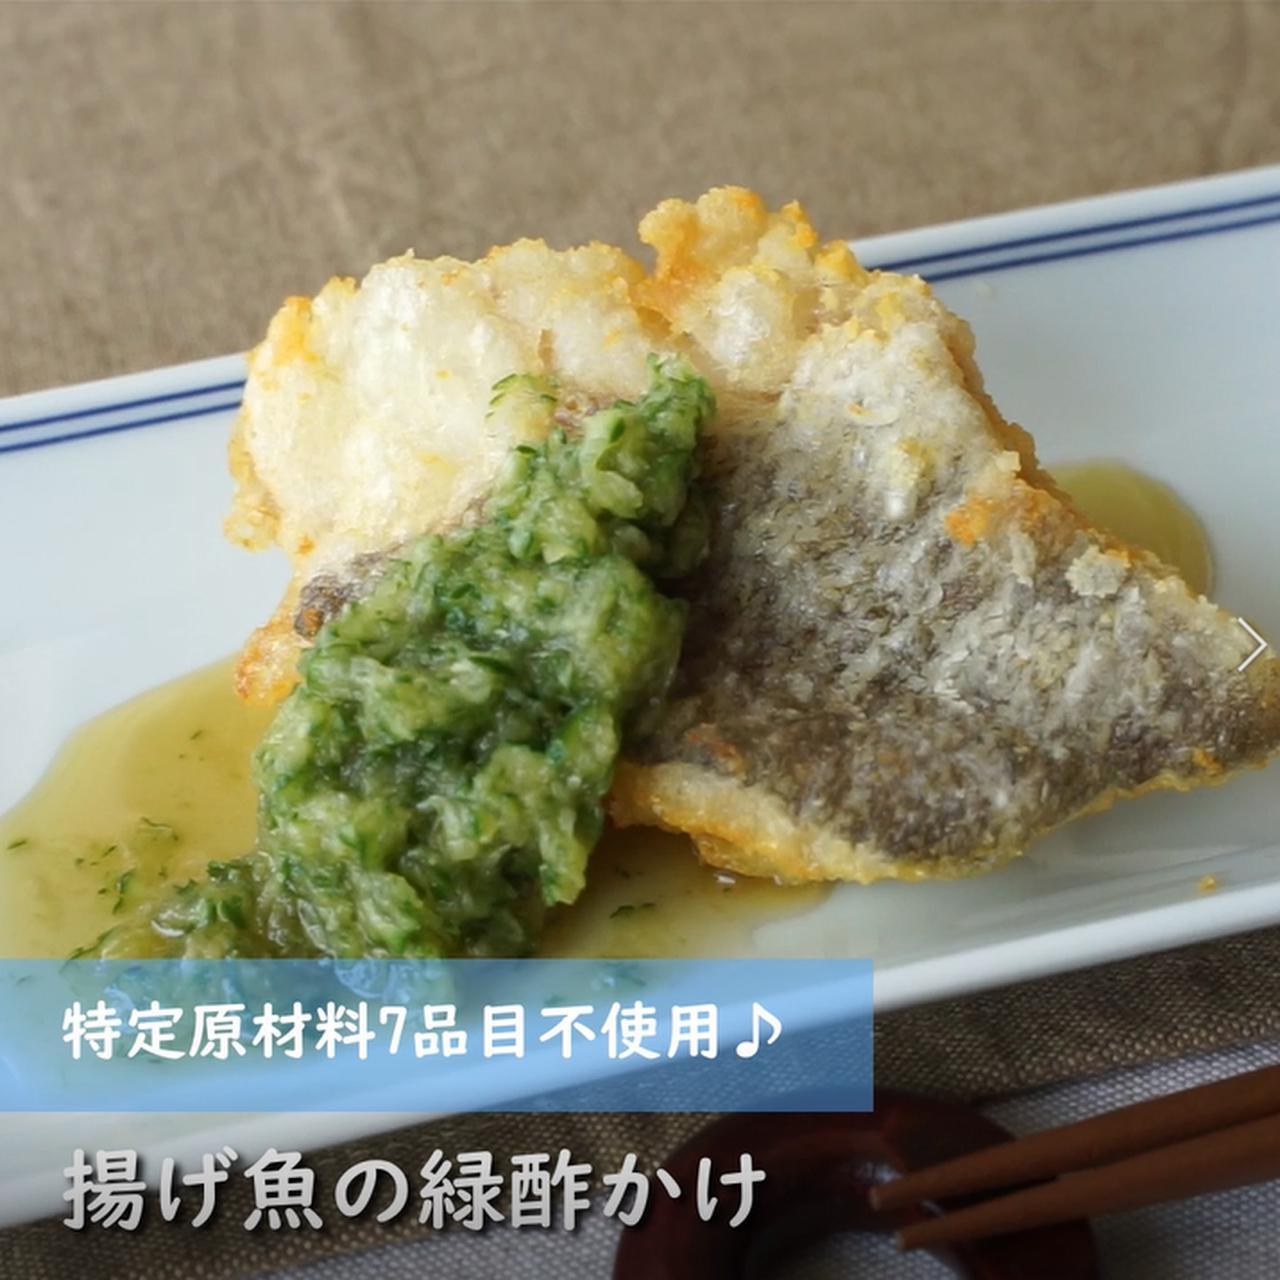 画像: 彩りも鮮やかな揚げ魚の緑酢かけ - 君とごはん